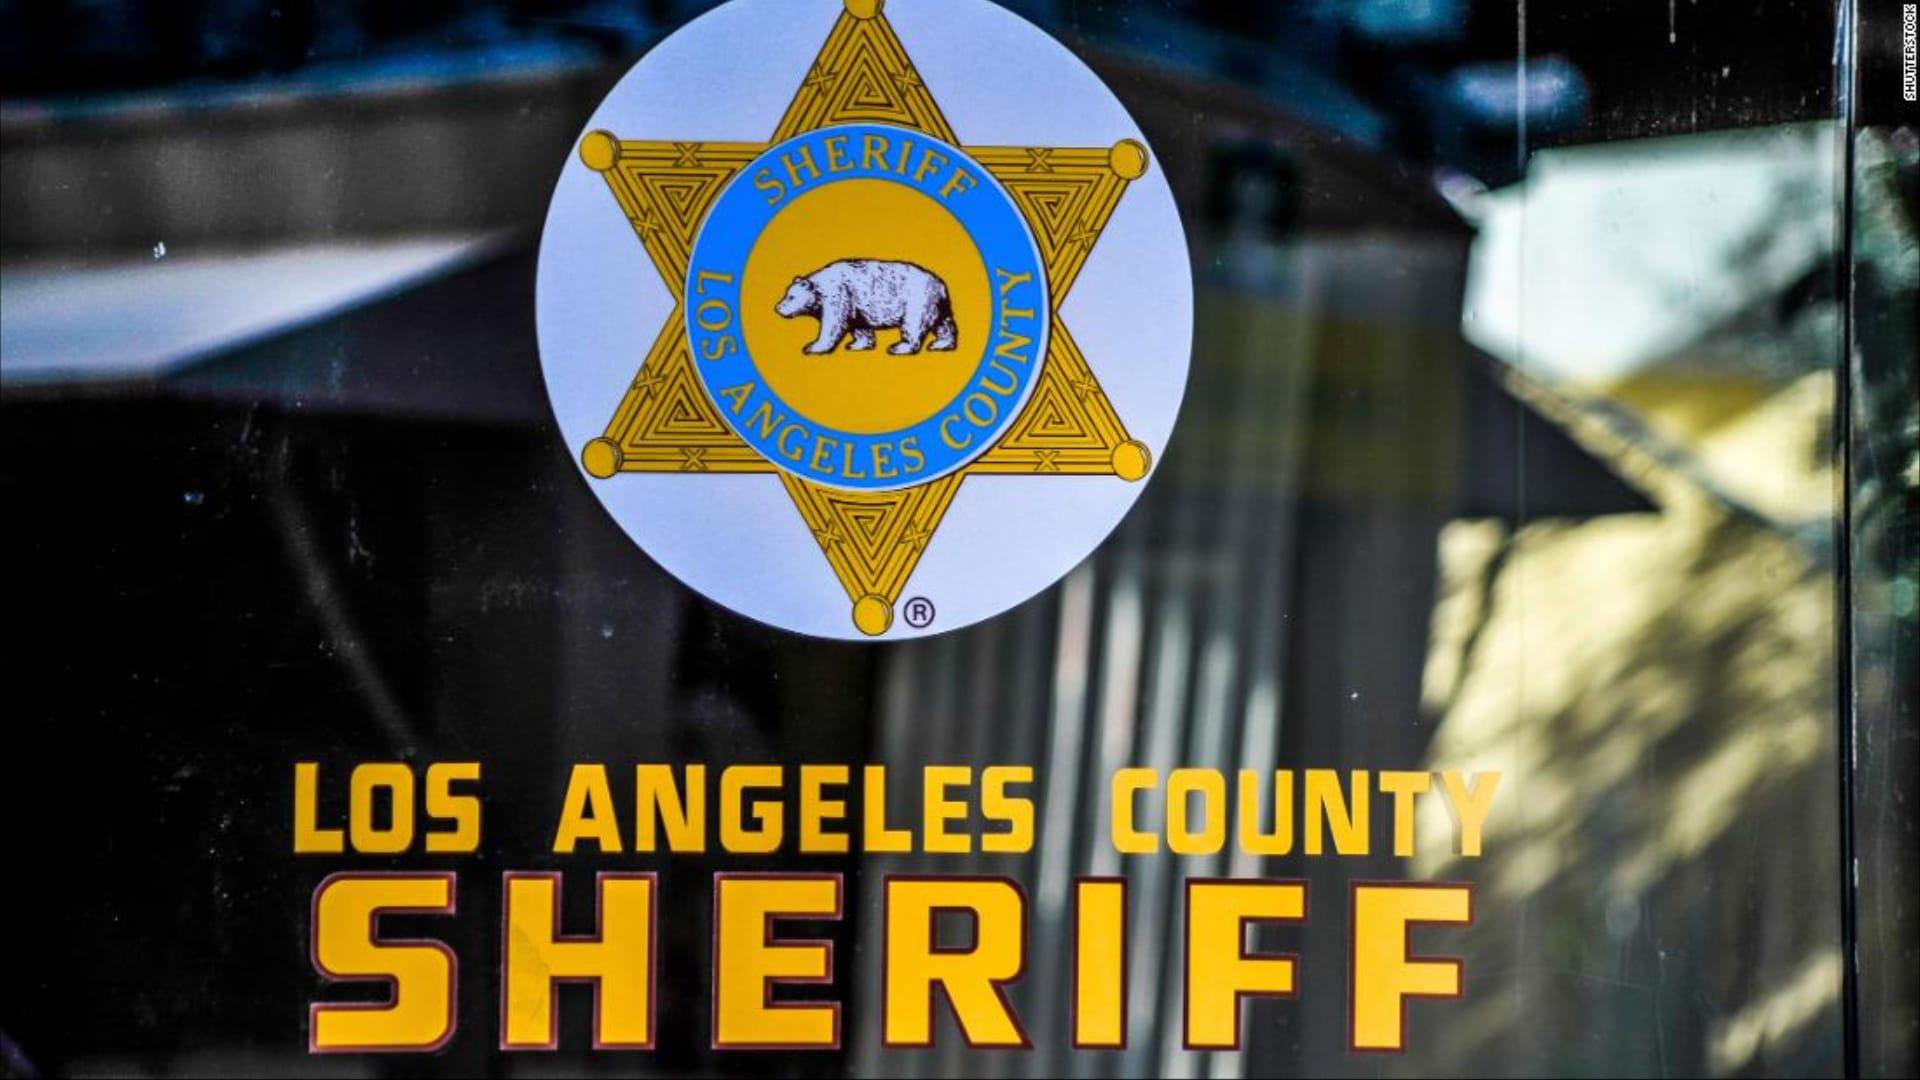 إصابة شرطيين بعد عملية إطلاق نار في لوس أنجلوس الأمريكية